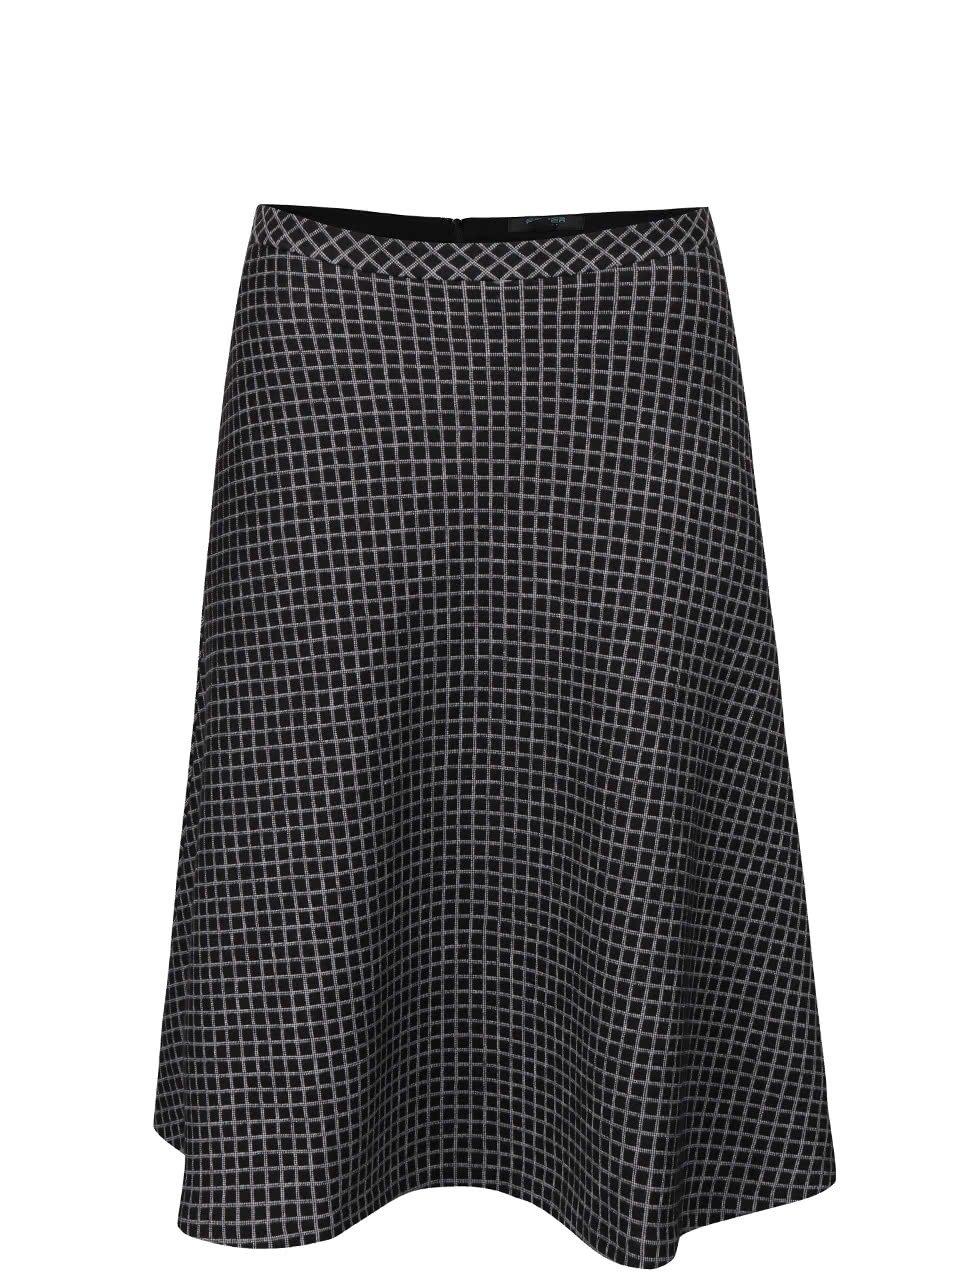 Černá áčková kostkovaná sukně Fever London Lori